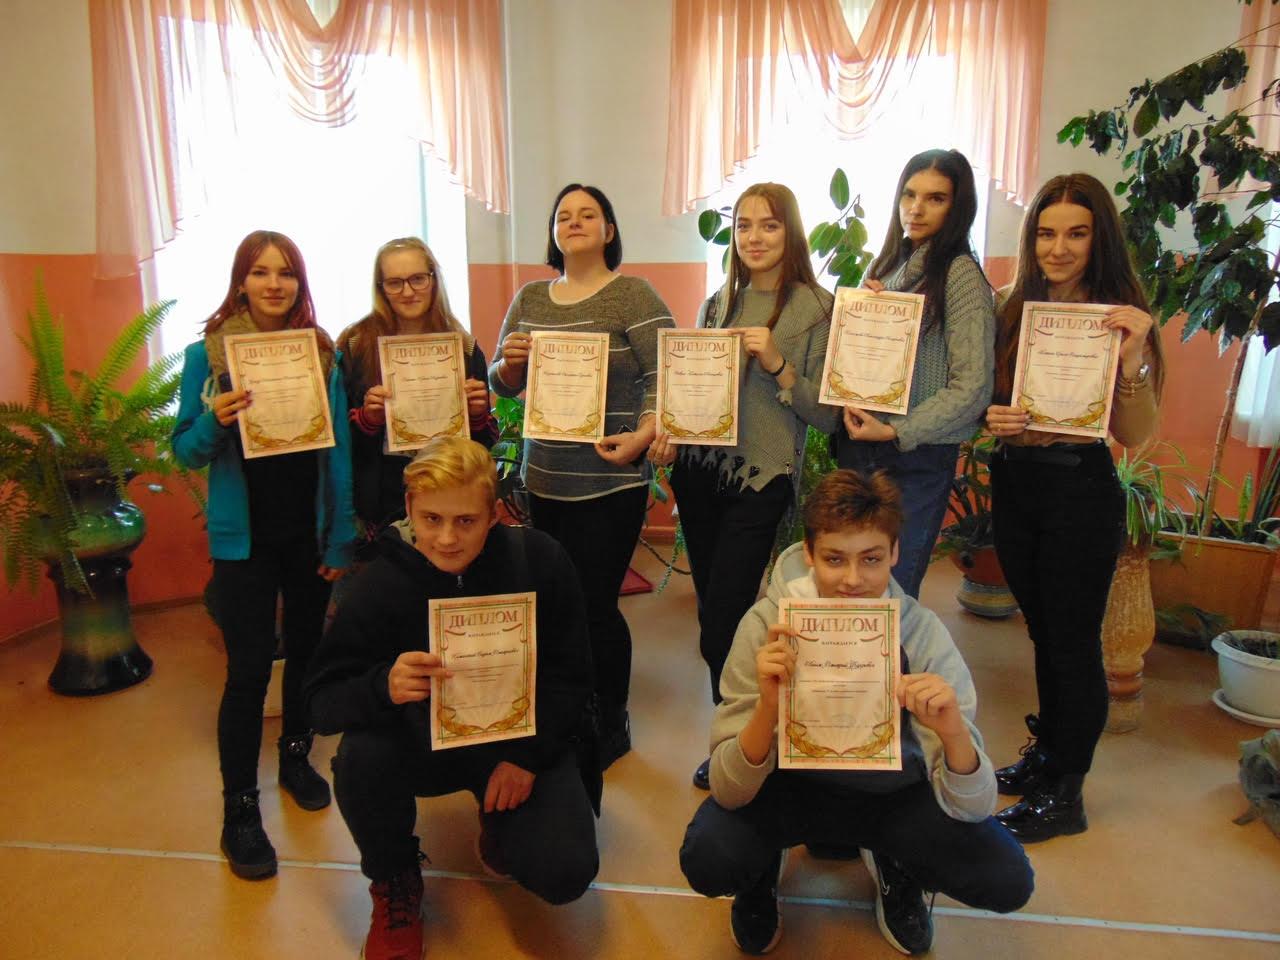 В Бобруйске состоялась церемония награждения участников и победителей фотоконкурса «Моя малая Родина»